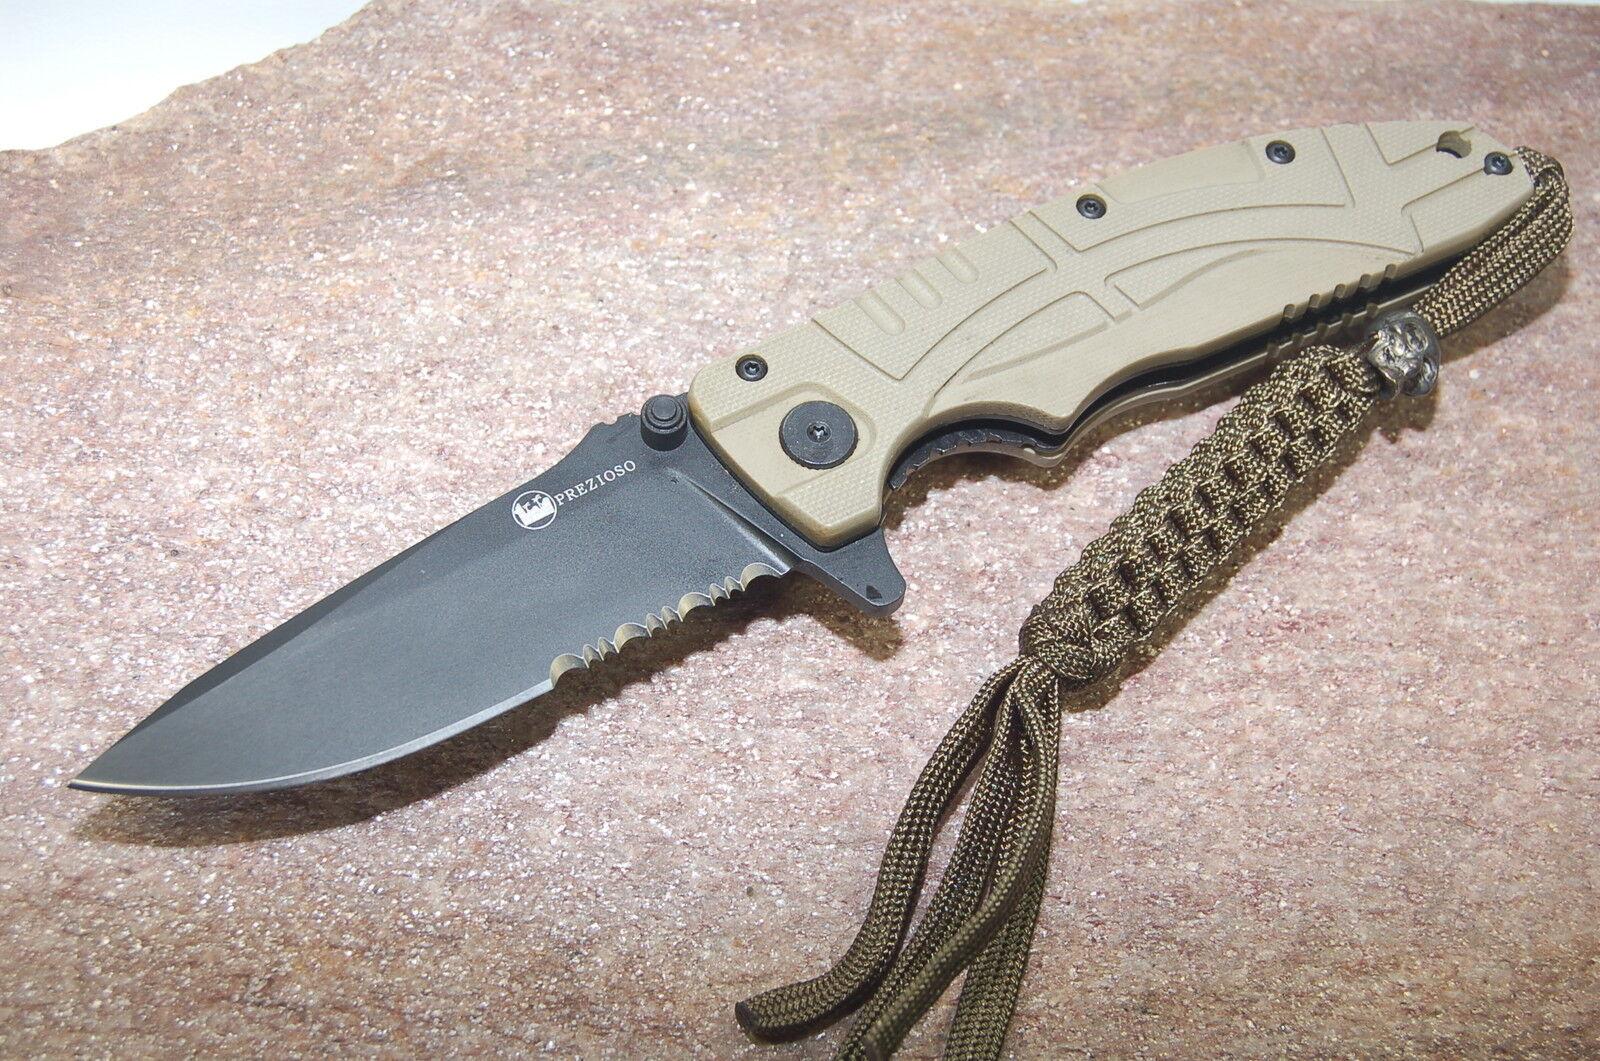 Coltellerie prezioso Ferus C Desert Black Black Black Couteau de poche escamotable couteau aus-8a g10 7e553d